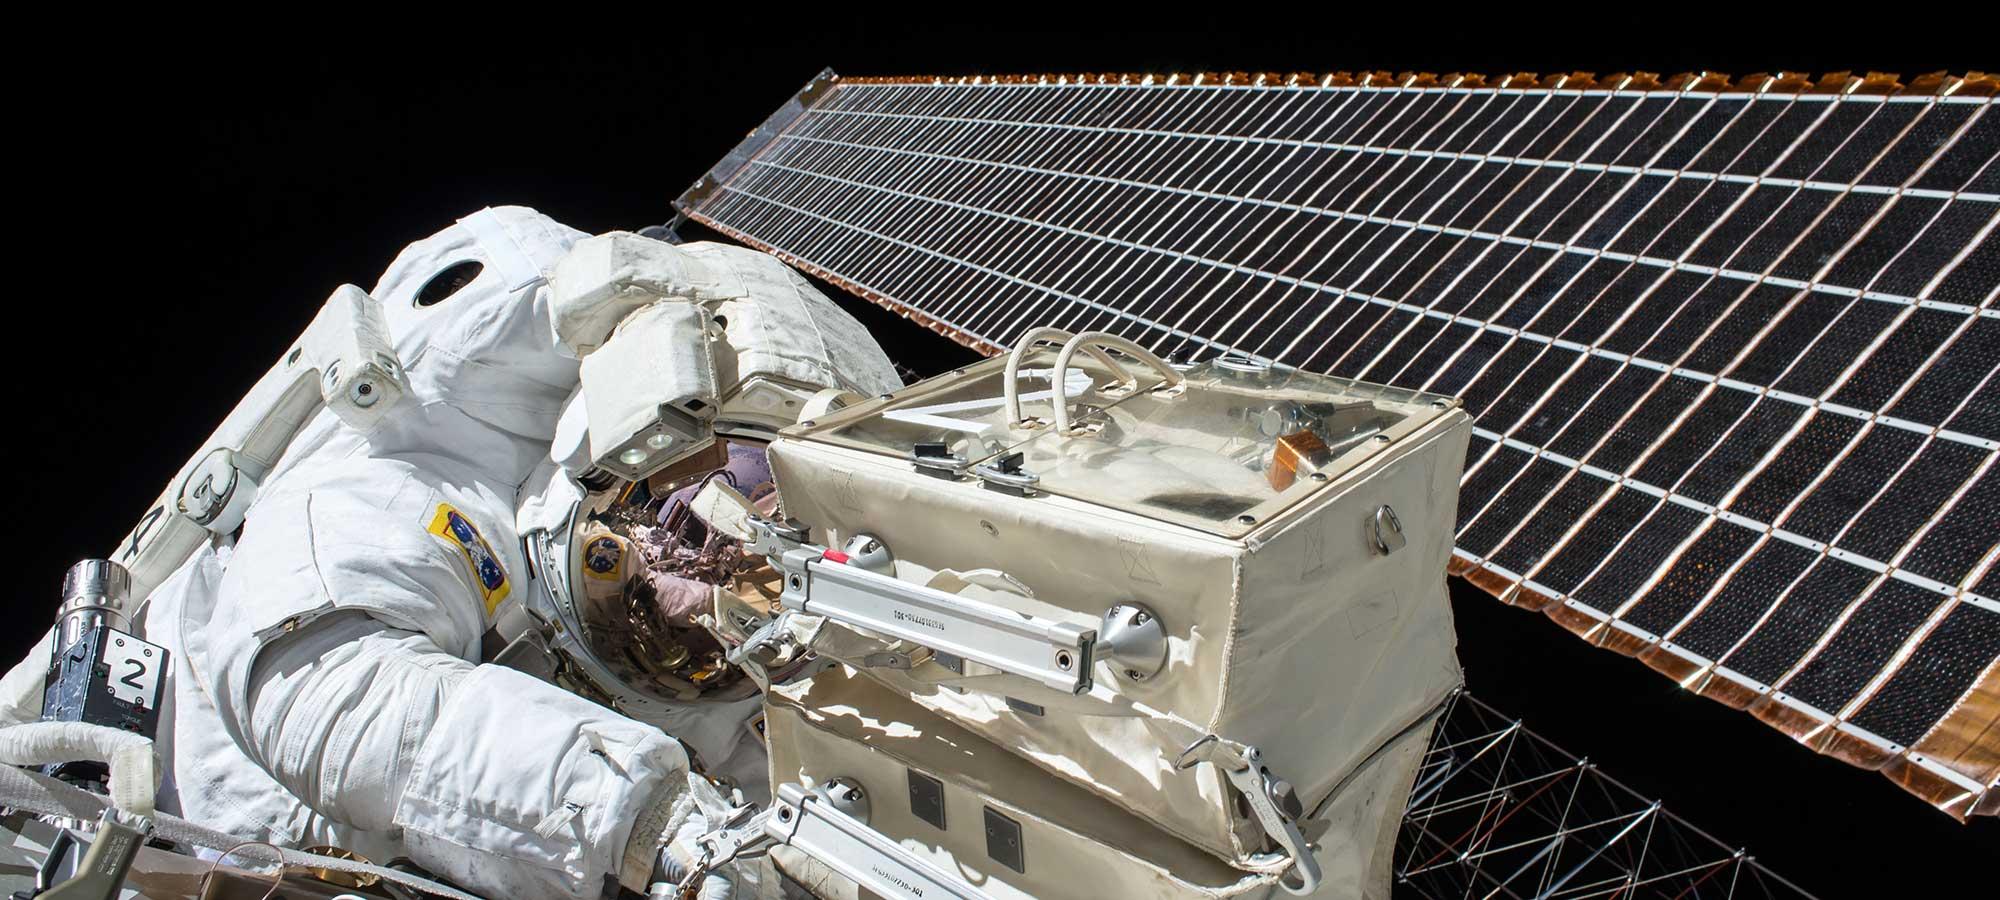 Dags att lämna förslag till nästa forskningssatellit inom Esas jordobservationsprogram – Explorer 11 hero